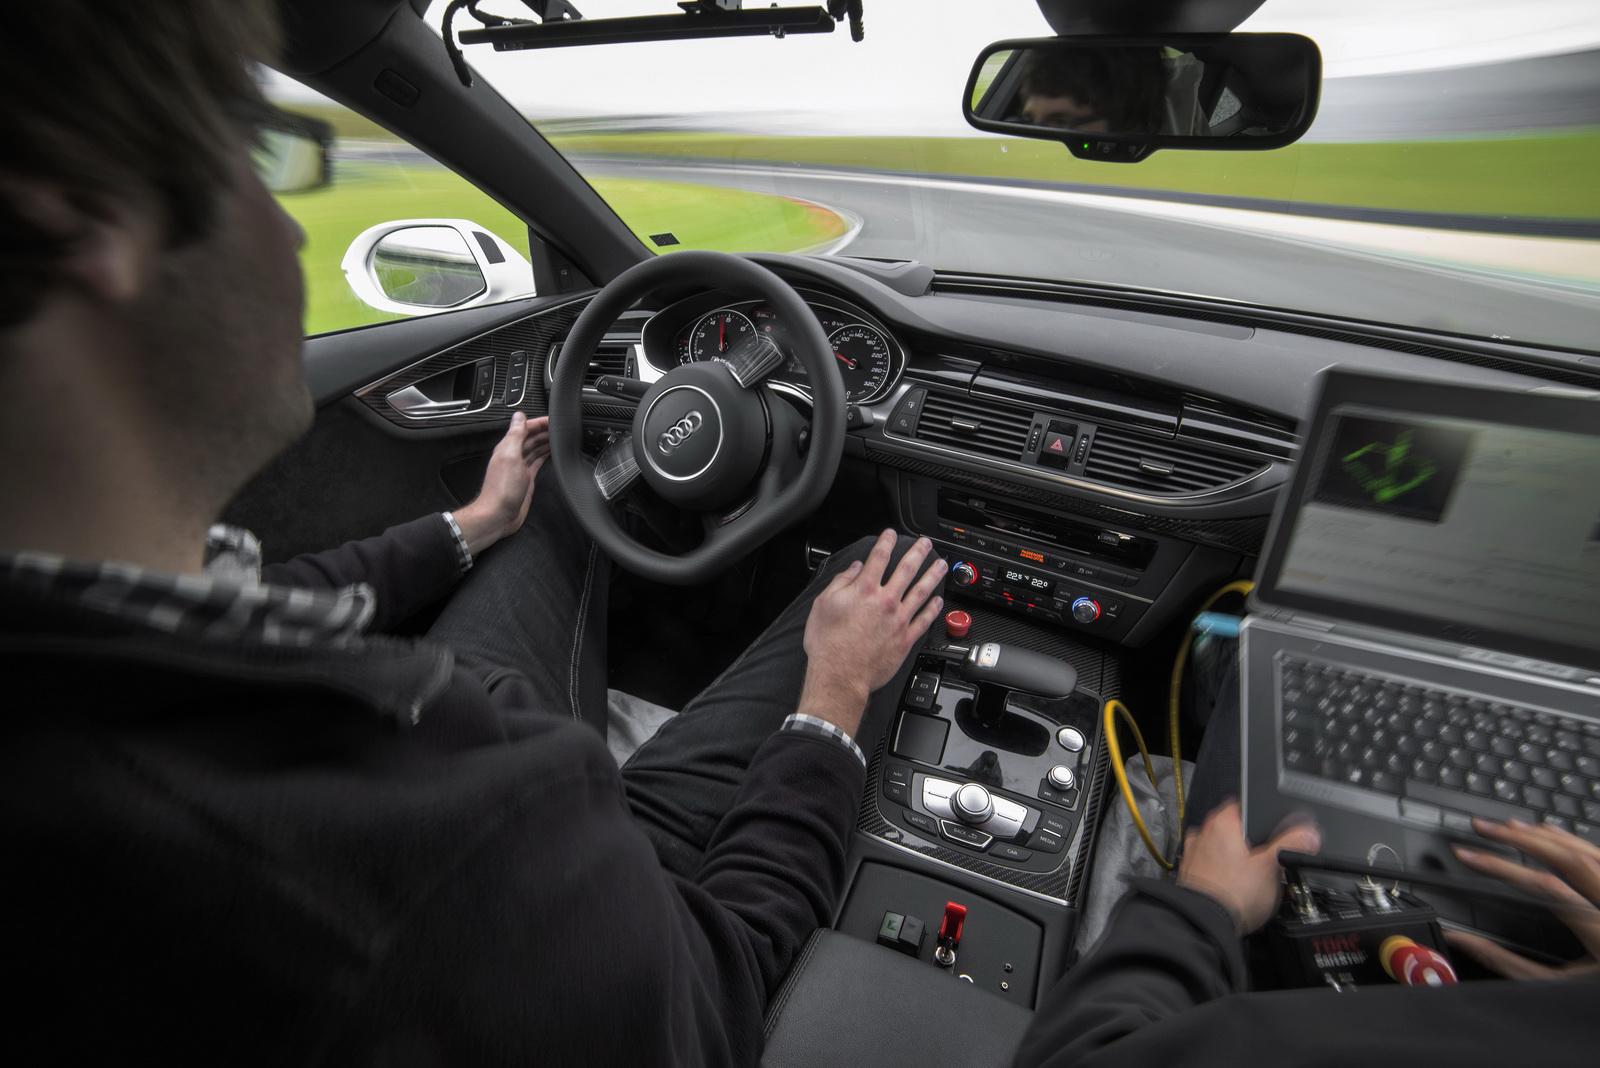 audi_rs_7_piloted_autonomous_car_06